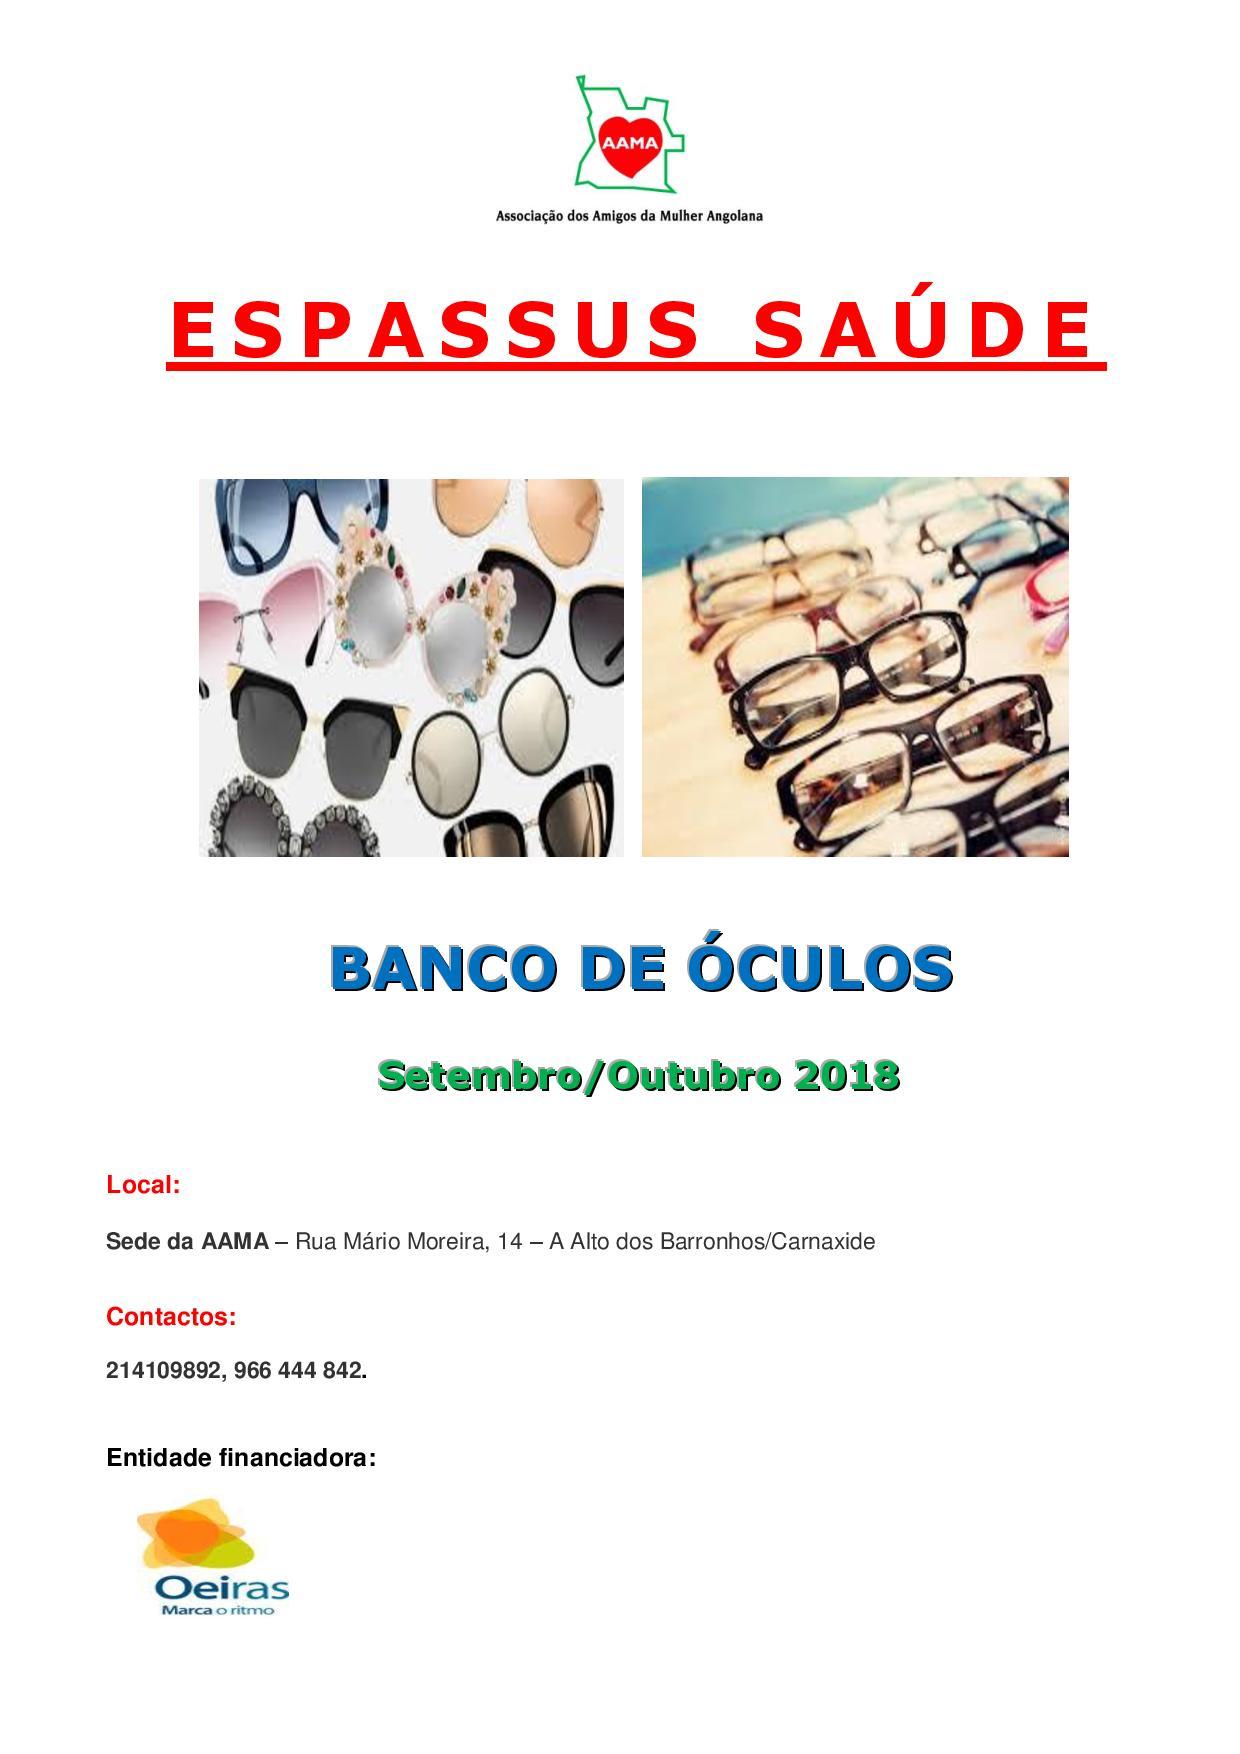 Banco de Óculos